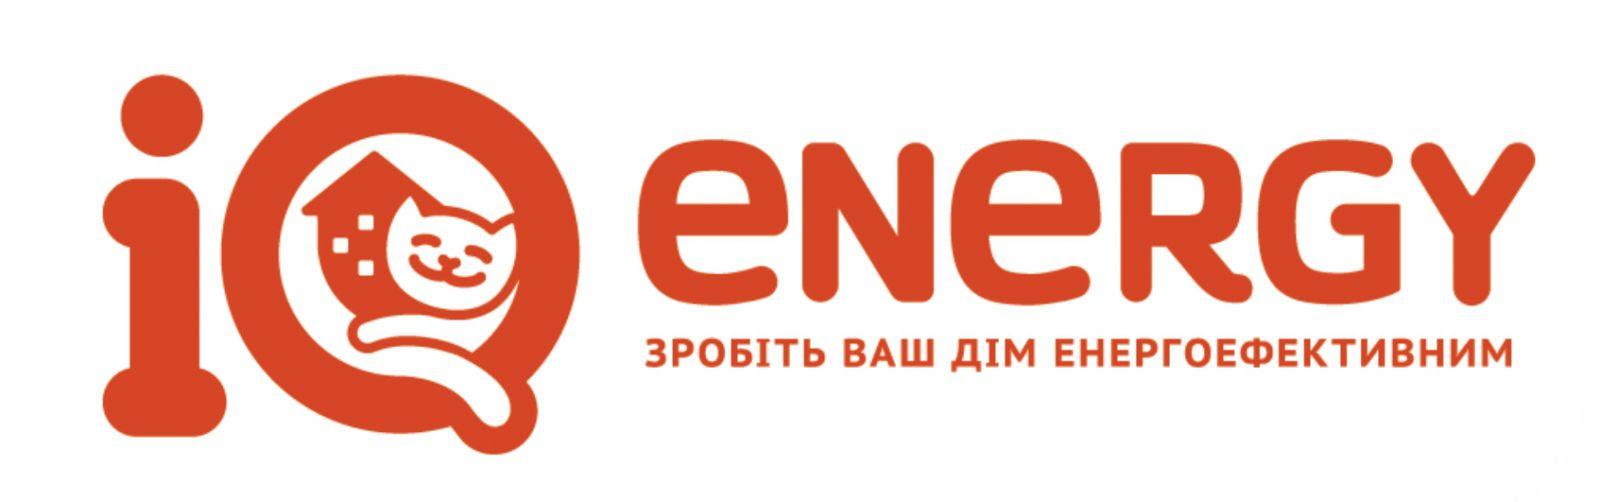 программа iq energy